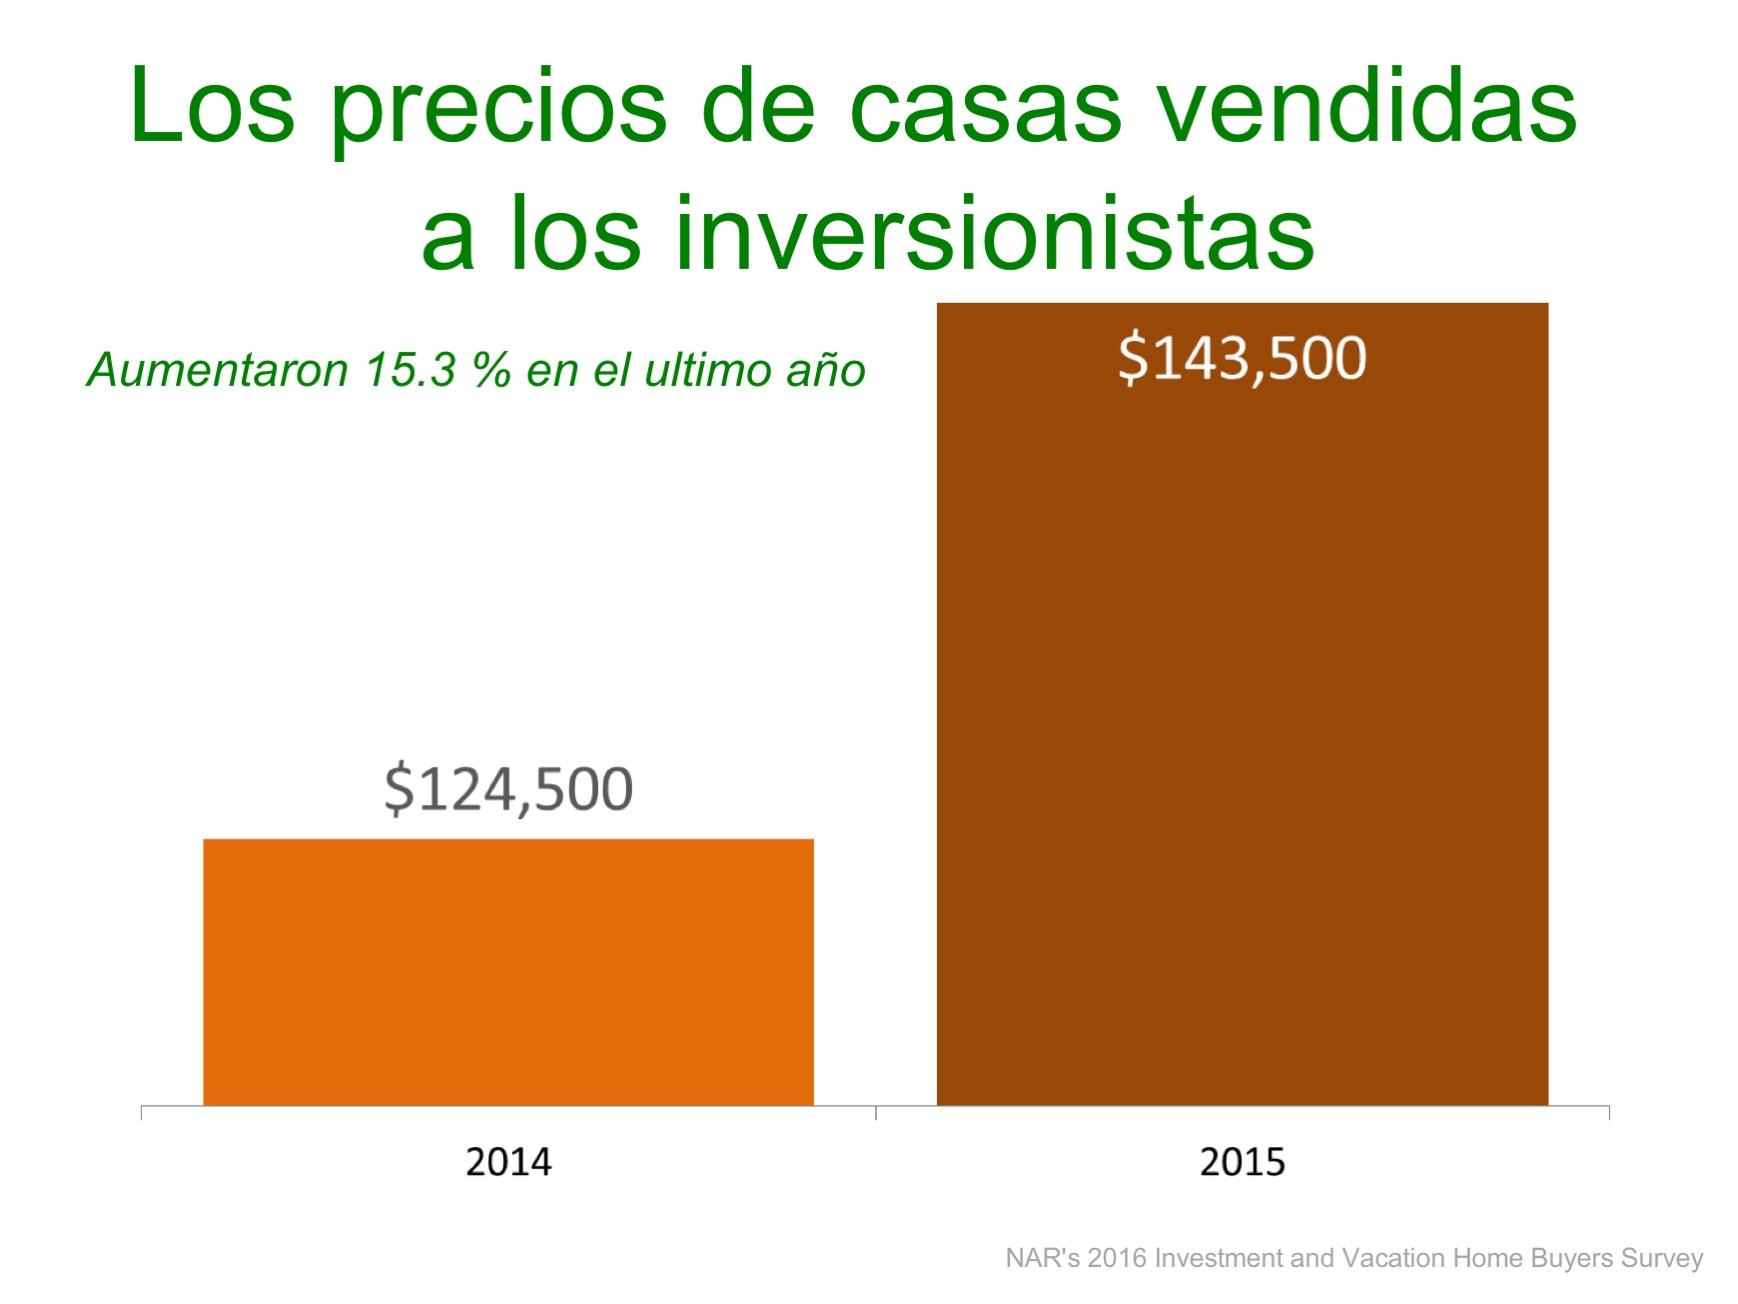 Inversionistas: más ventas y precios más altos| Simplifying The Market